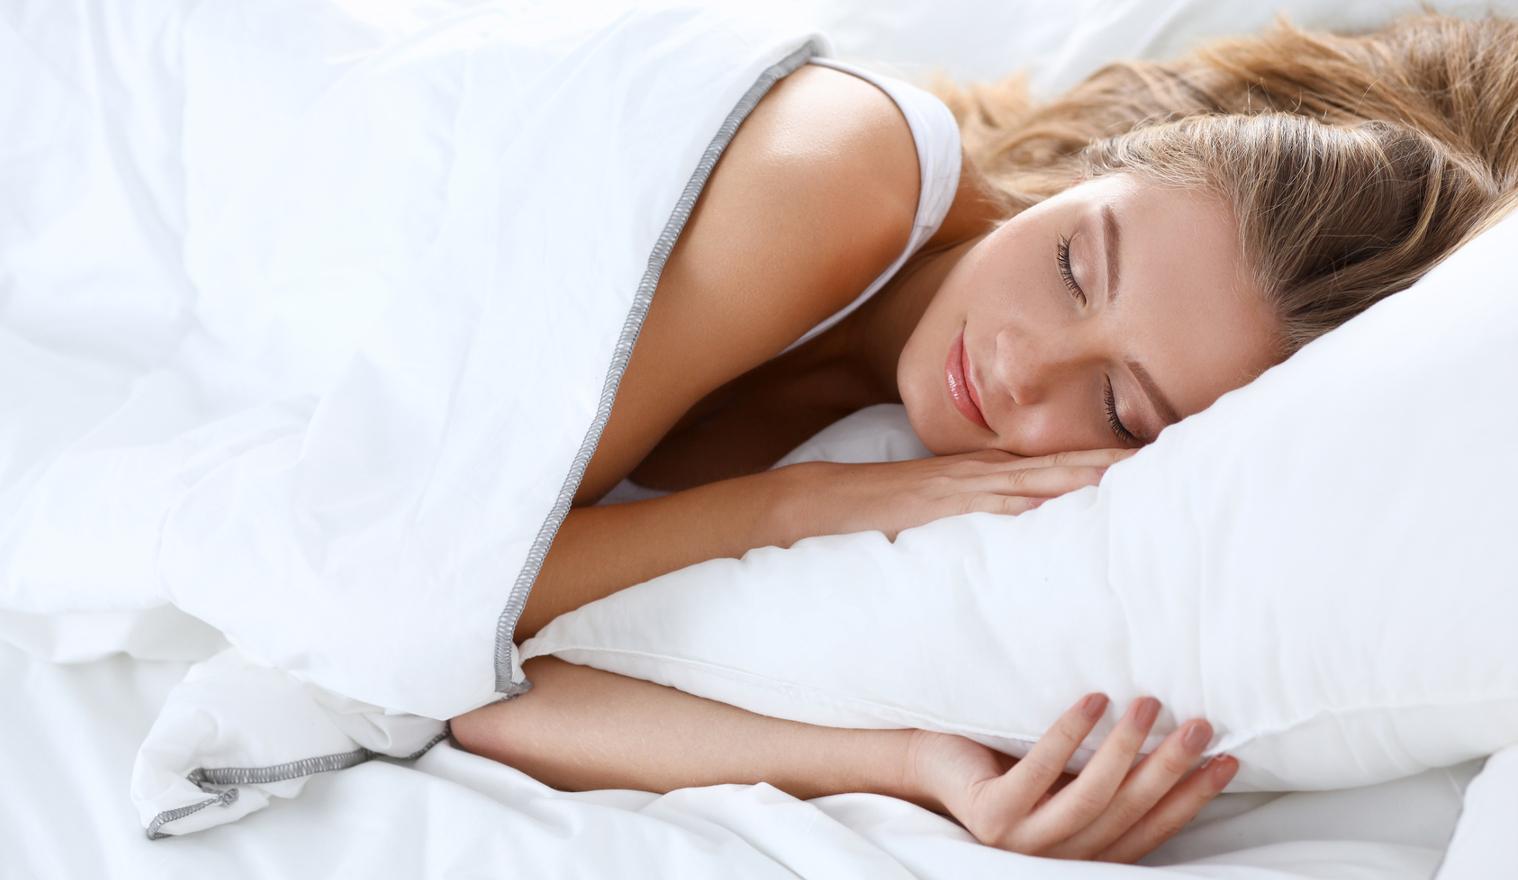 schlafoptimierung, gesunder schlaf, tipps für schlaf, schlafprobleme